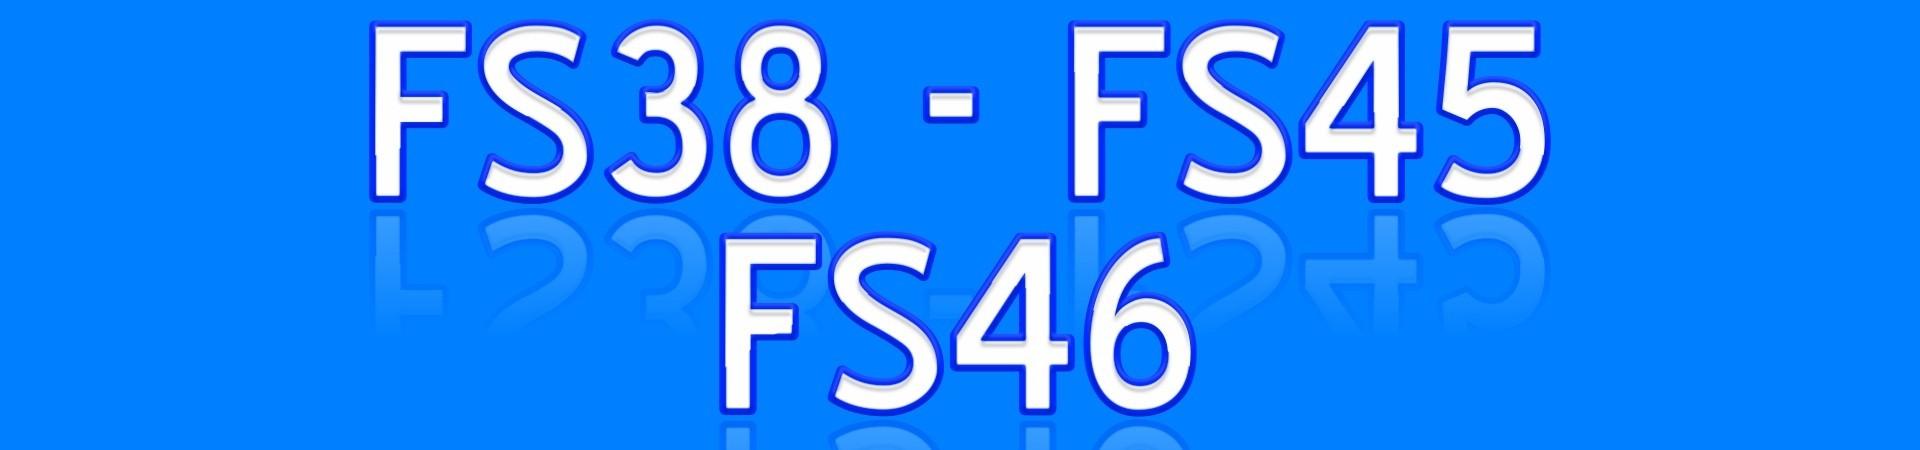 FS38 FS45 FS55